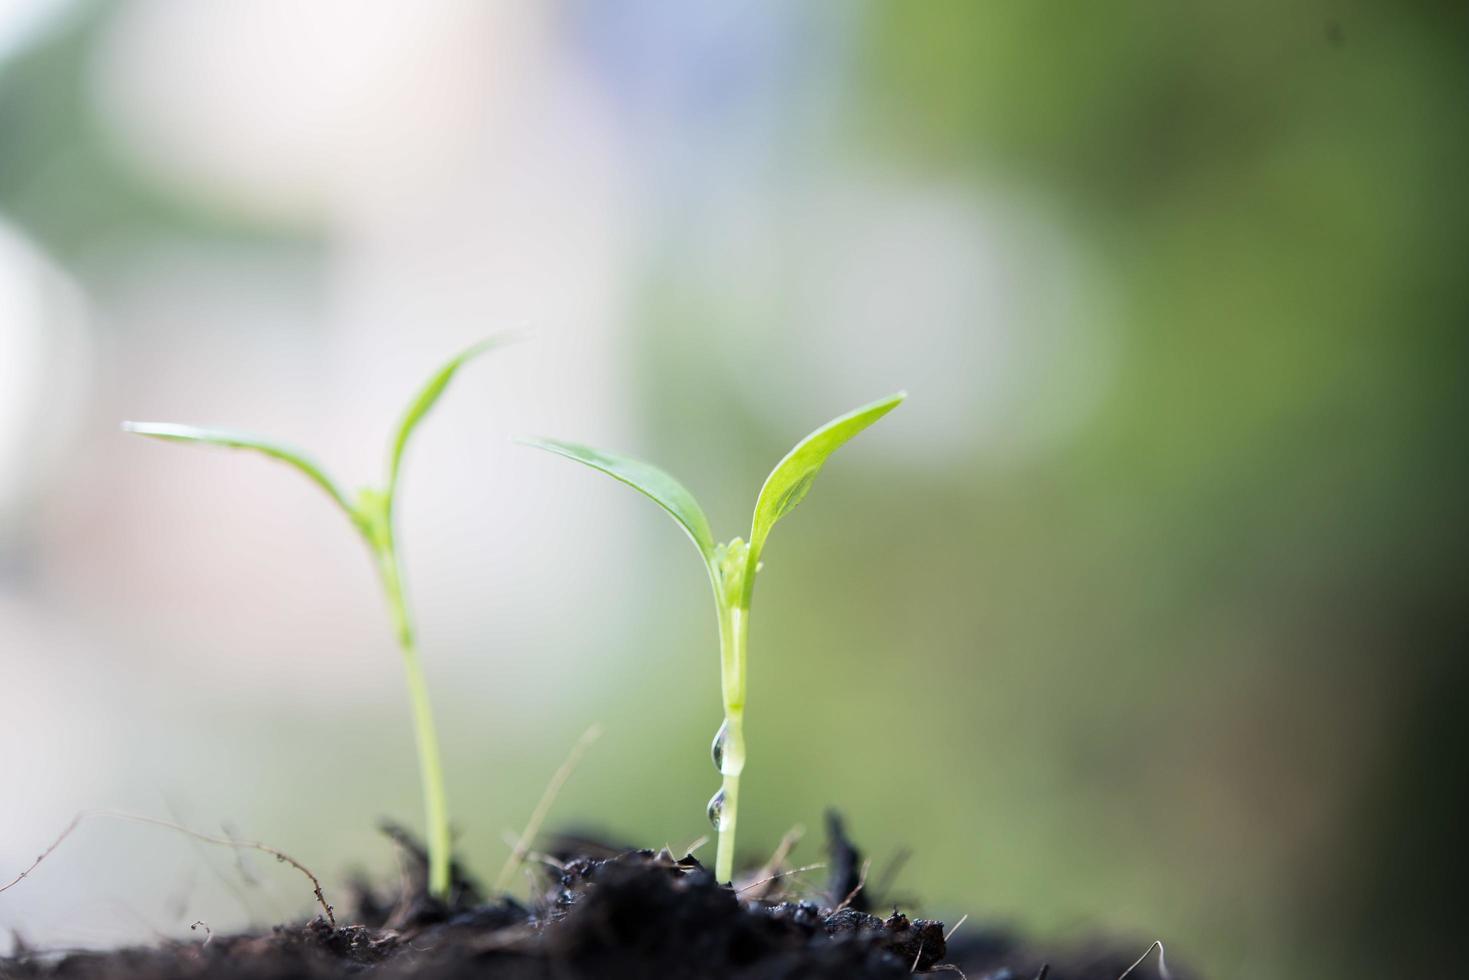 Nahaufnahme eines jungen Sprosses, der wächst foto